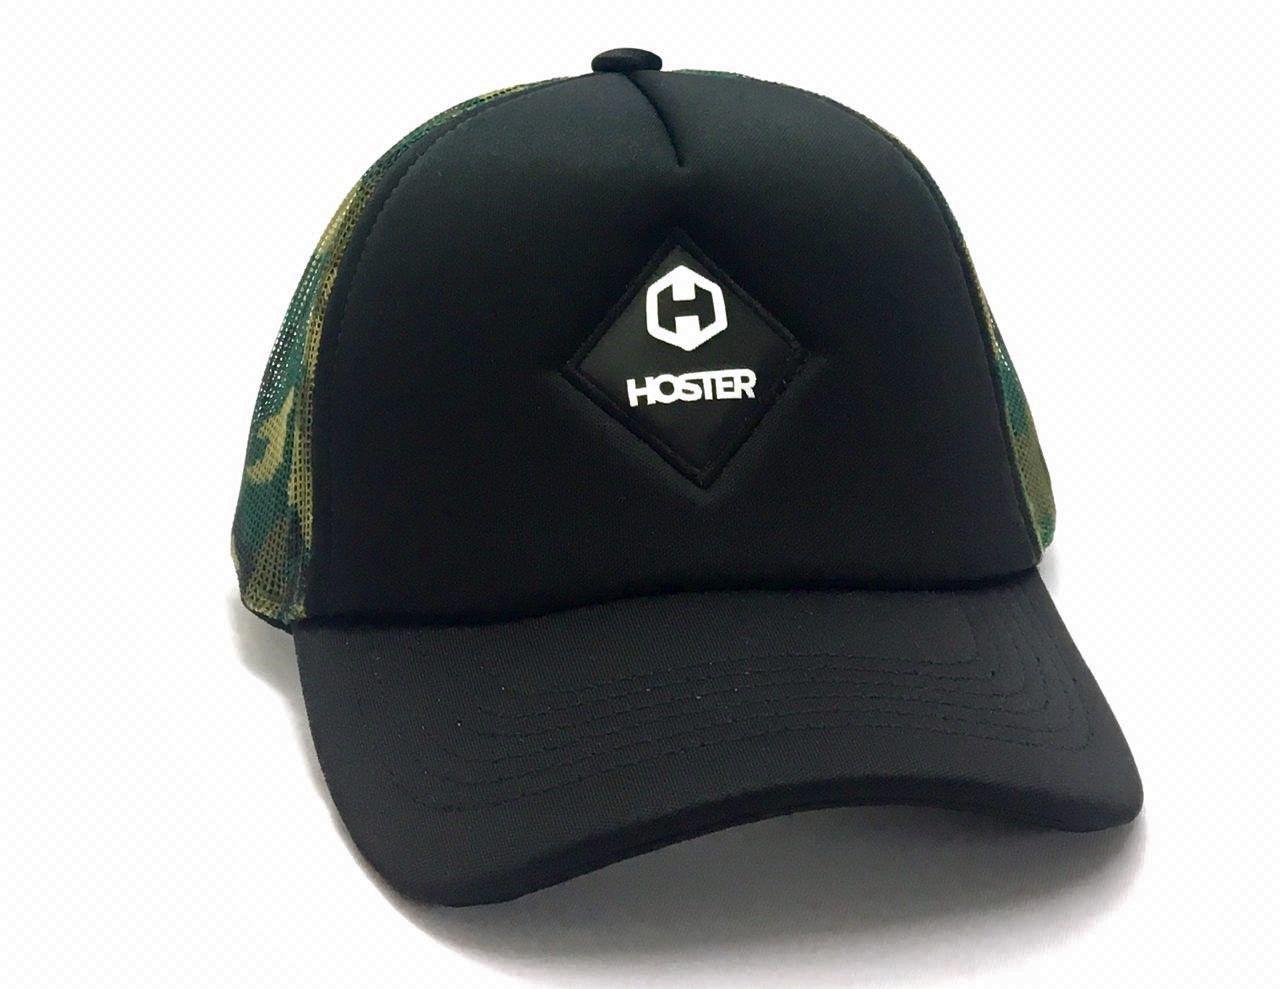 Boné de Télinha Snapback Preto/Camuflado Trucker HOSTER